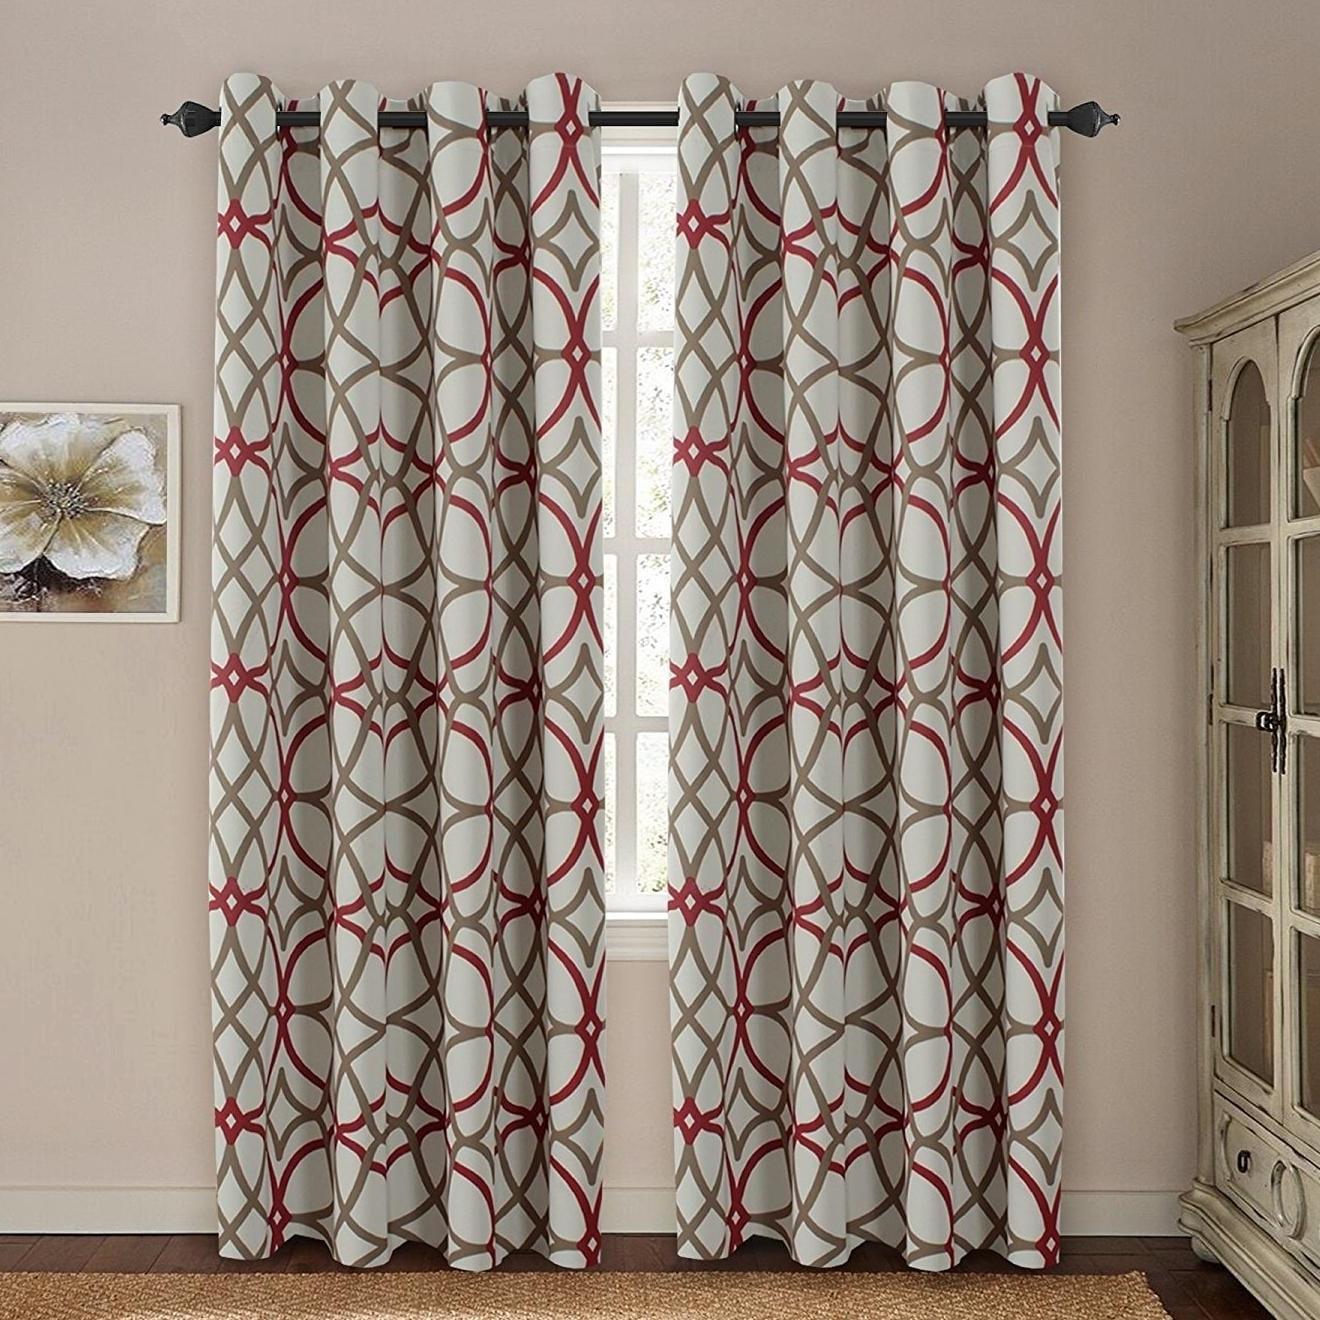 Recent Primebeau Geometric Pattern Blackout Curtain Pairs Regarding Premier Home Decor Inc Primebeau Geometric Pattern Blackout Curtain Pair 2 Pack (View 2 of 20)